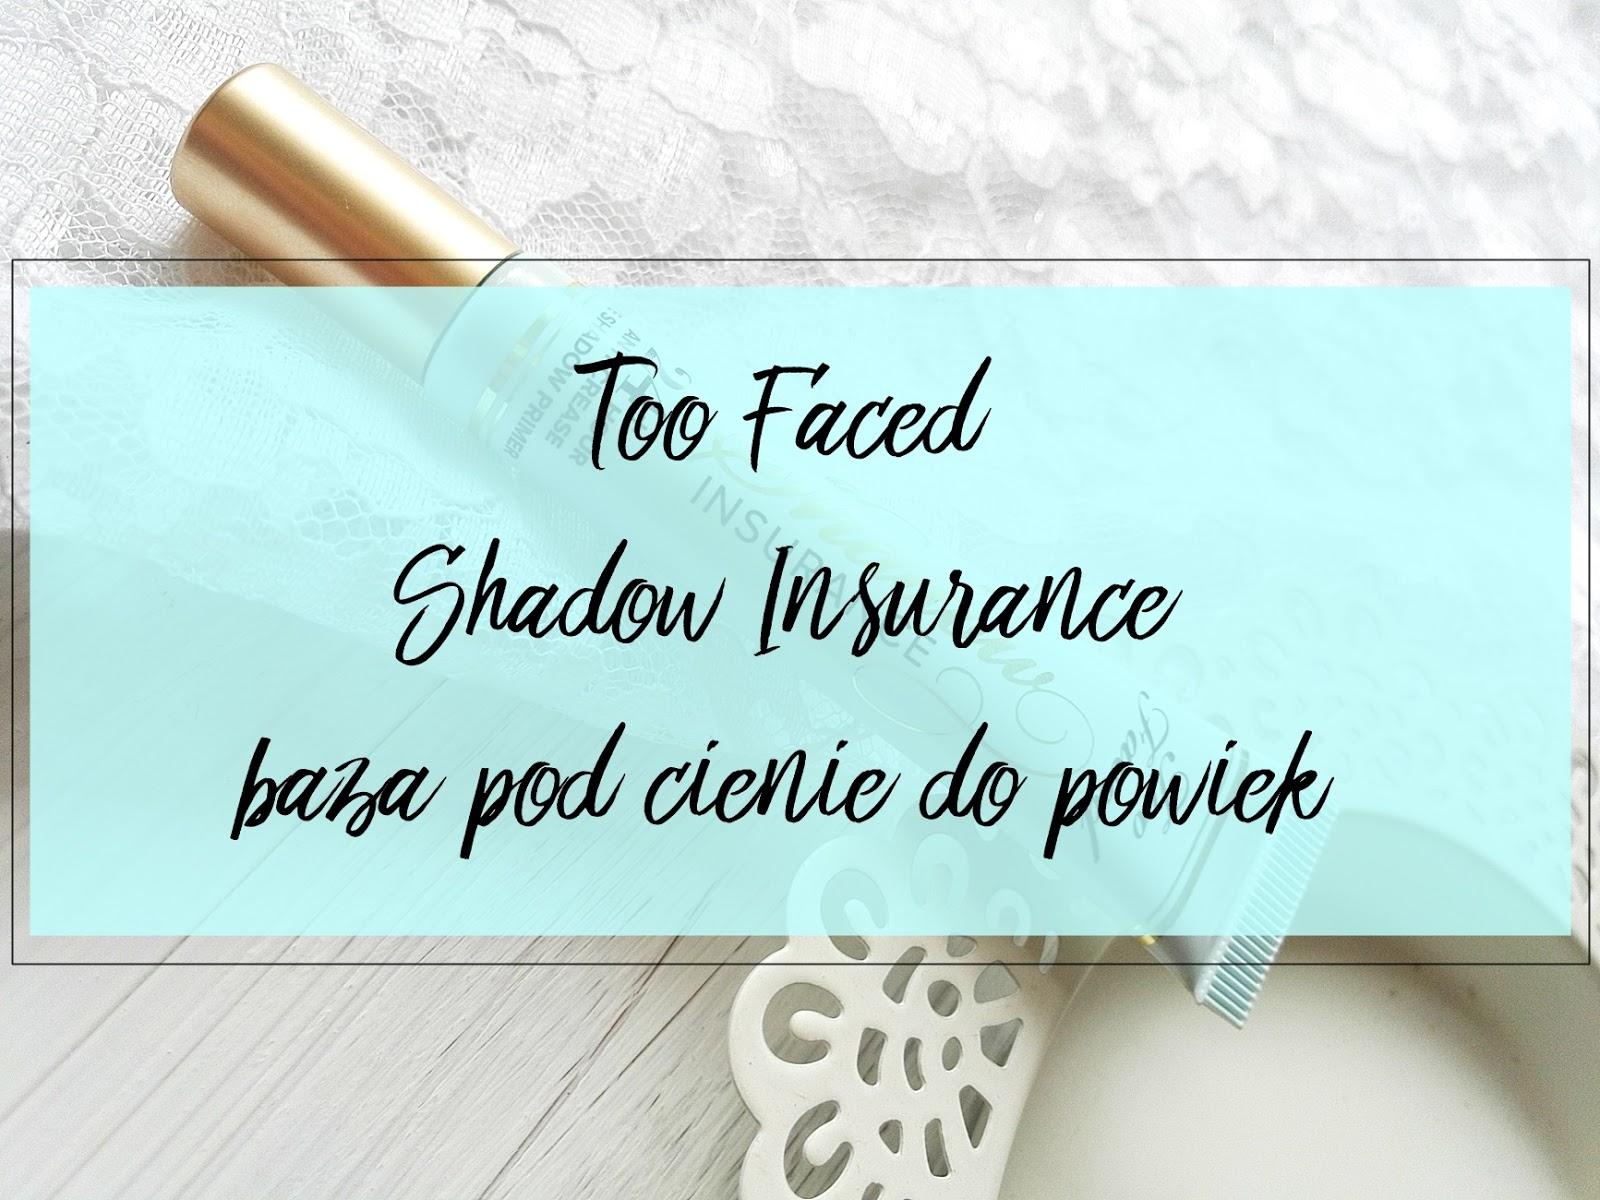 Too Faced Shadow Insurance | Baza pod cienie do powiek, czy warta zakupu?